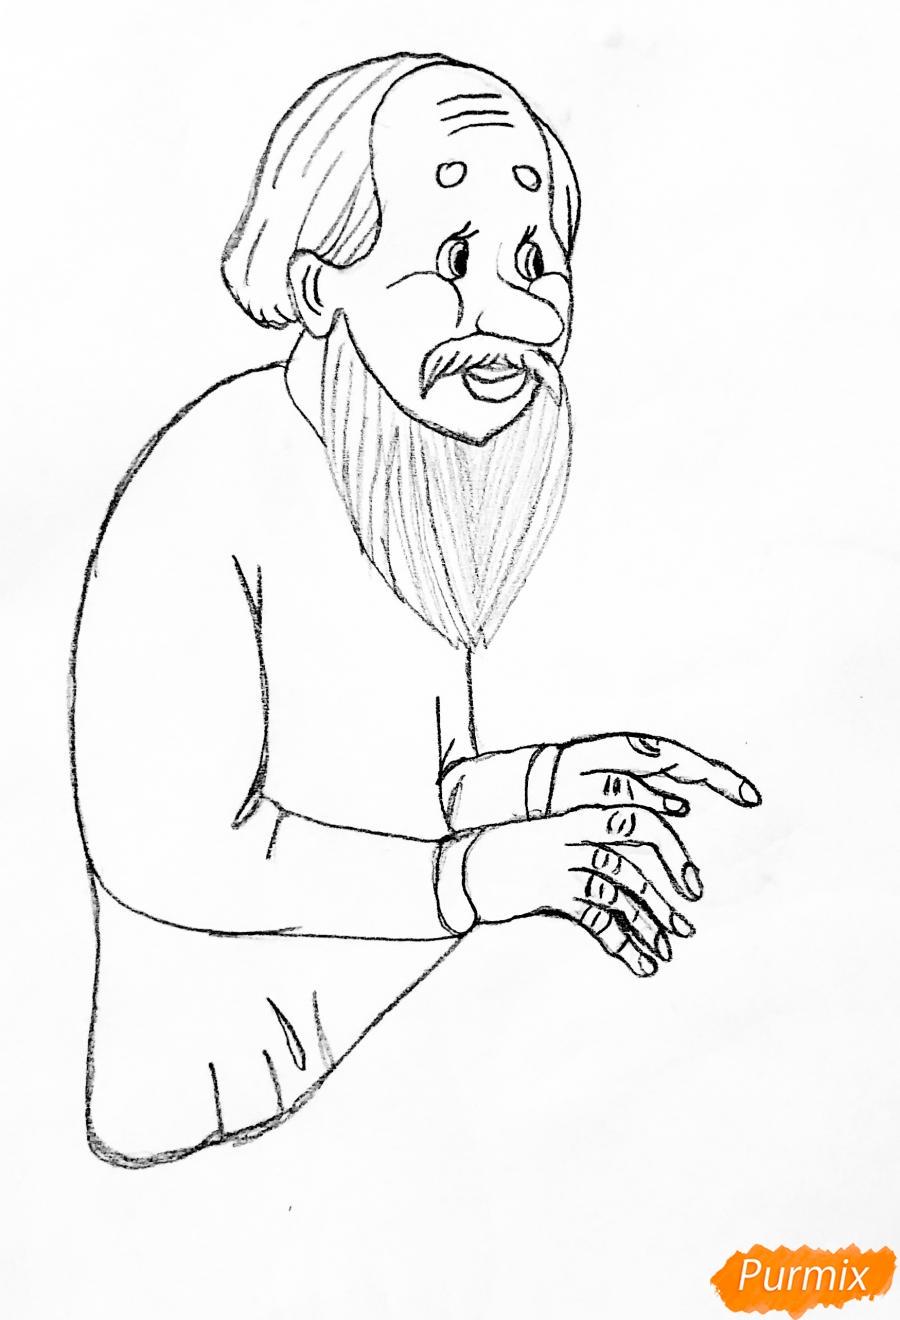 Рисуем деда бабку и колобка из сказки цветными карандашами - шаг 2